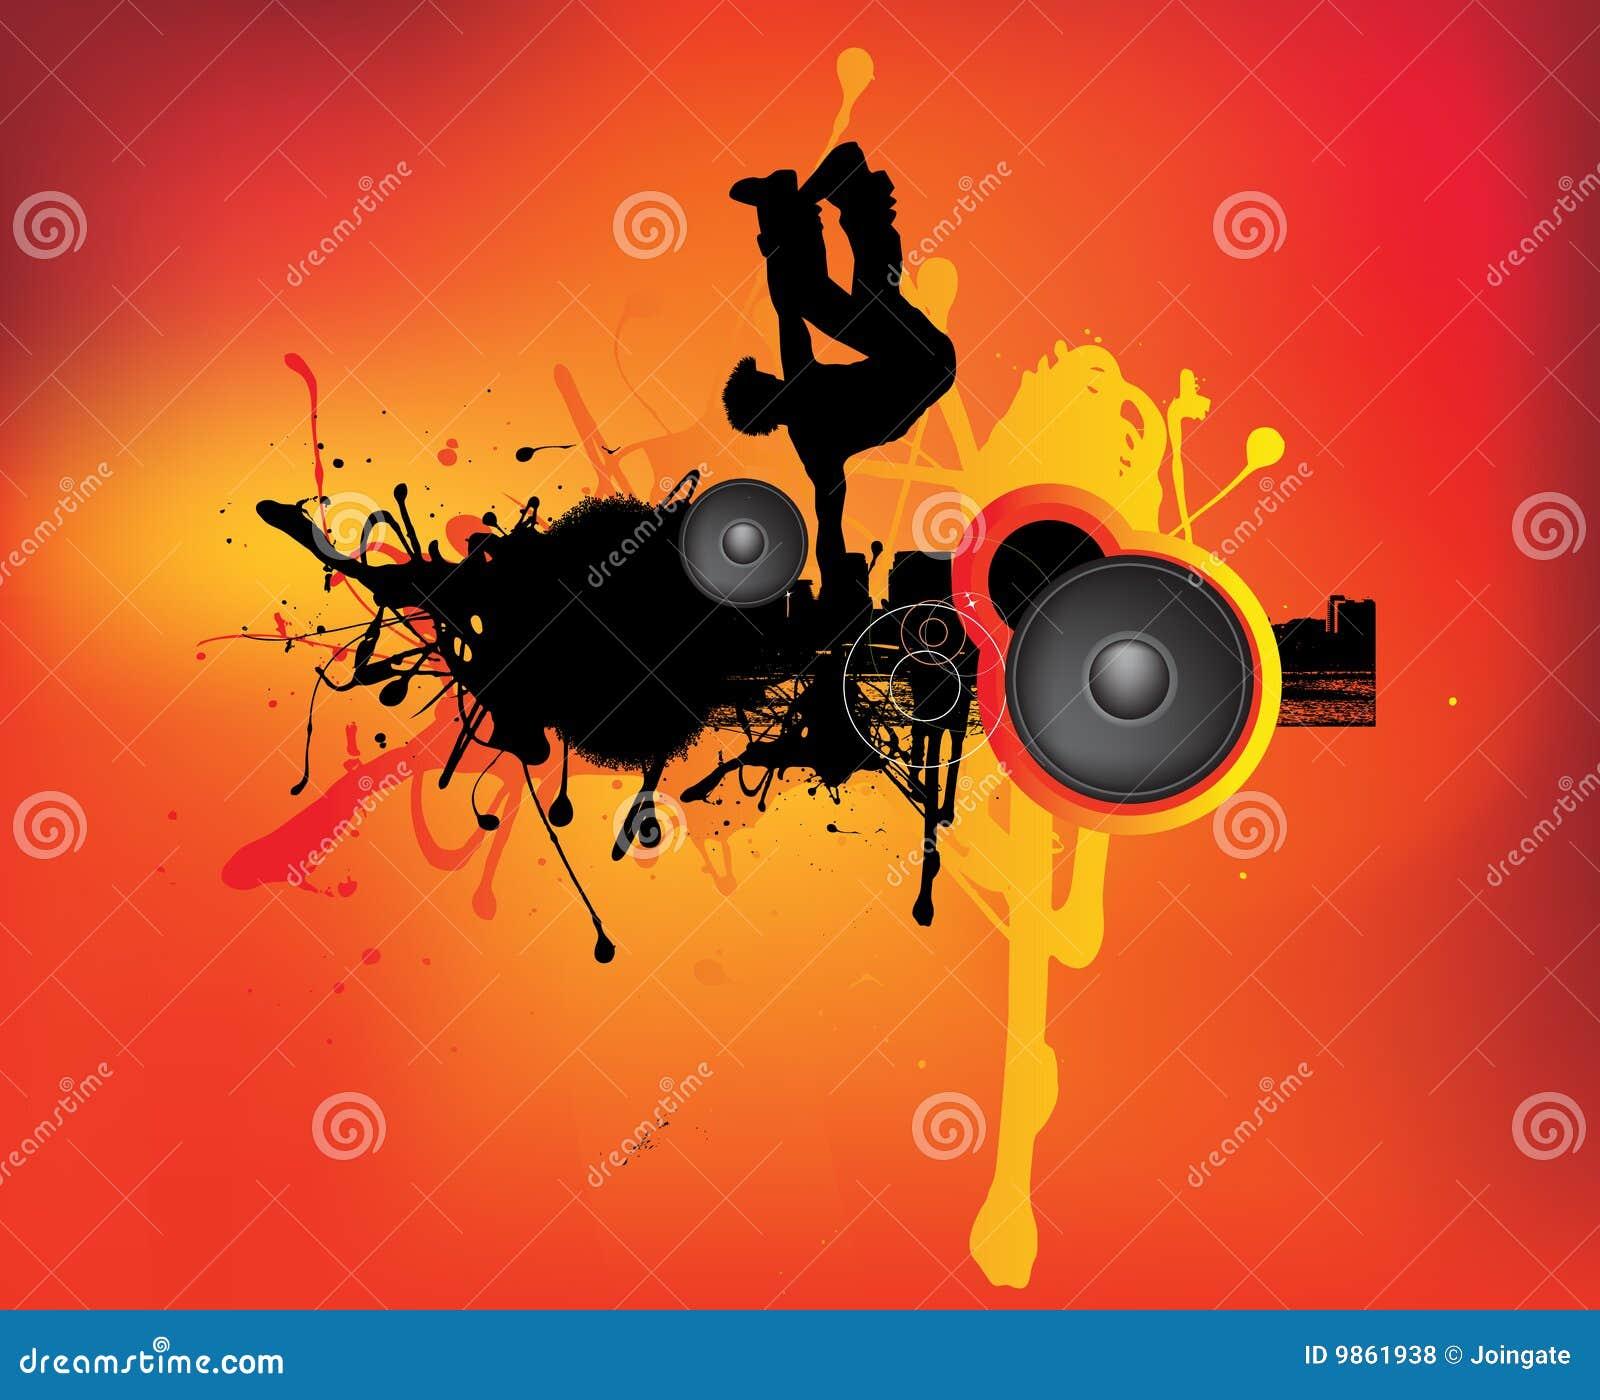 Urban grunge dancer